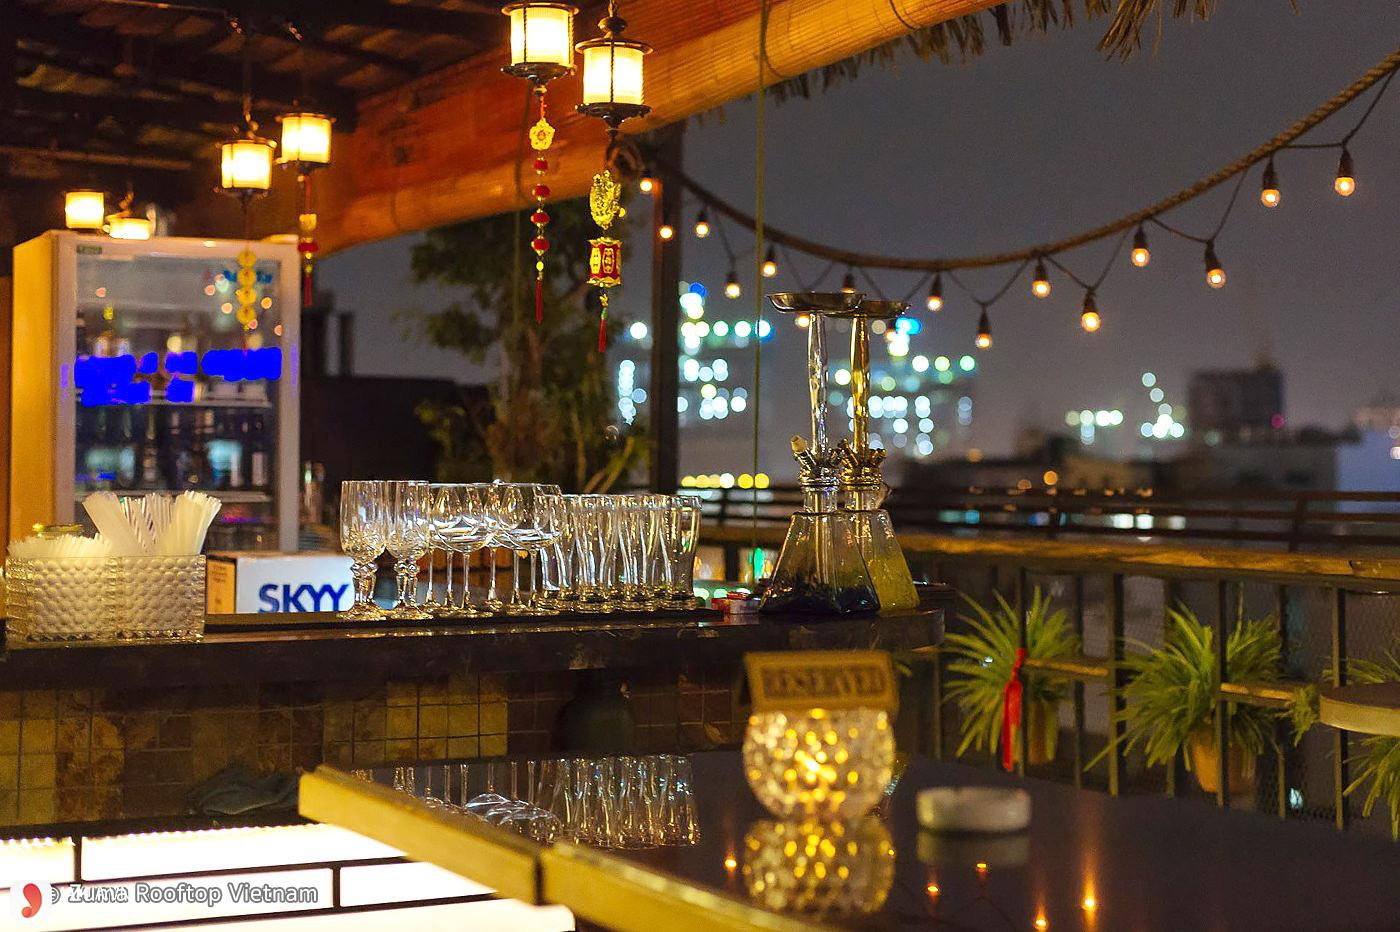 Zuma Rooftop Bar